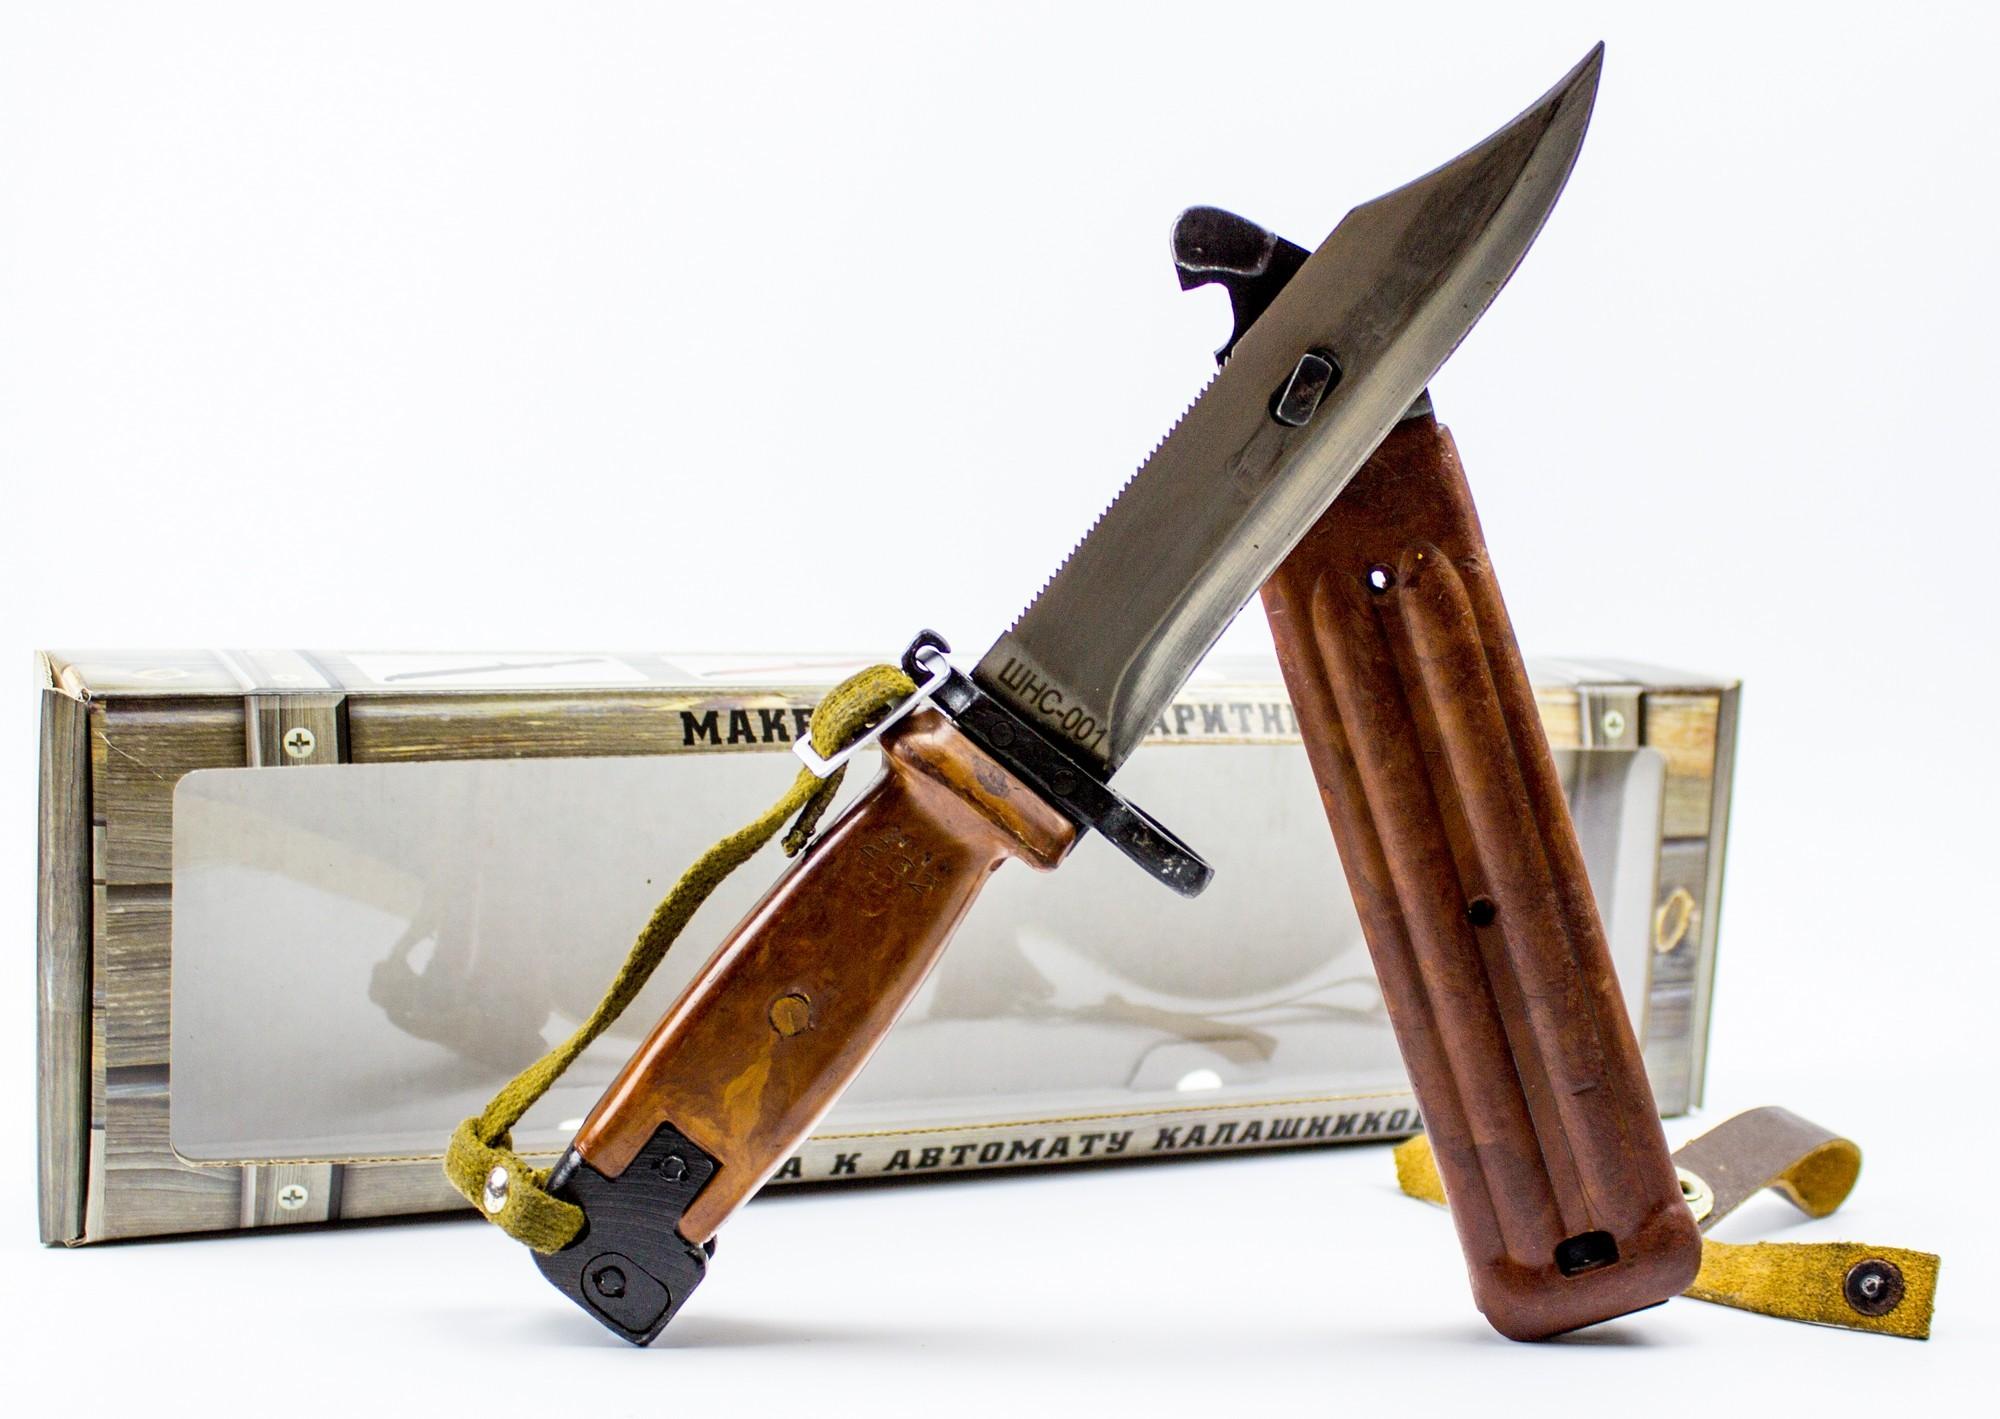 Штык нож к автомату Калашникова АК-74 Люкс, в подарочной упаковкеШтык-ножи<br>Штык нож к автомату Калашникова АК-47 полностью повторяет изделие, применявшееся армией СССР в 1967-1988 годах. Его клинок имеет одно лезвие, оснащенное зубчатыми насечками. Со стороны обуха кончик клинка слегка выгибается внутрь и становится двухлезвийным. Боевой армейский штык нож легко присоединяется к АК при помощи паза и специальной защелки с пружиной. Данное крепление расположено в головке рукояти. Комплект дополняют ножны, внутри они выполнены из стали, снаружи покрыты коричневым пластиком. Небольшое продолговатое отверстие на клинке используется для сцепления изделия с ножнами. Полученная конструкция позволяет с легкостью перекусывать провода, проволоку и многое другое. Если Вы ищете подходящий презент для настоящего мужчины, тогда штык нож автомата Калашникова – именно то, что Вам нужно.В ДАННЫЙ МОМЕНТ ШТЫКИ РЕМЕШКАМИ НЕ КОМПЛЕКТУЮТСЯДетальные характеристики:ширина рукояти (в ср. части), мм - 33 толщина рукояти (в ср. части), мм - 23 твердость клинка: менее 25 HRC Сделано в Ижевске.<br>Нож не является холодным оружием.<br>